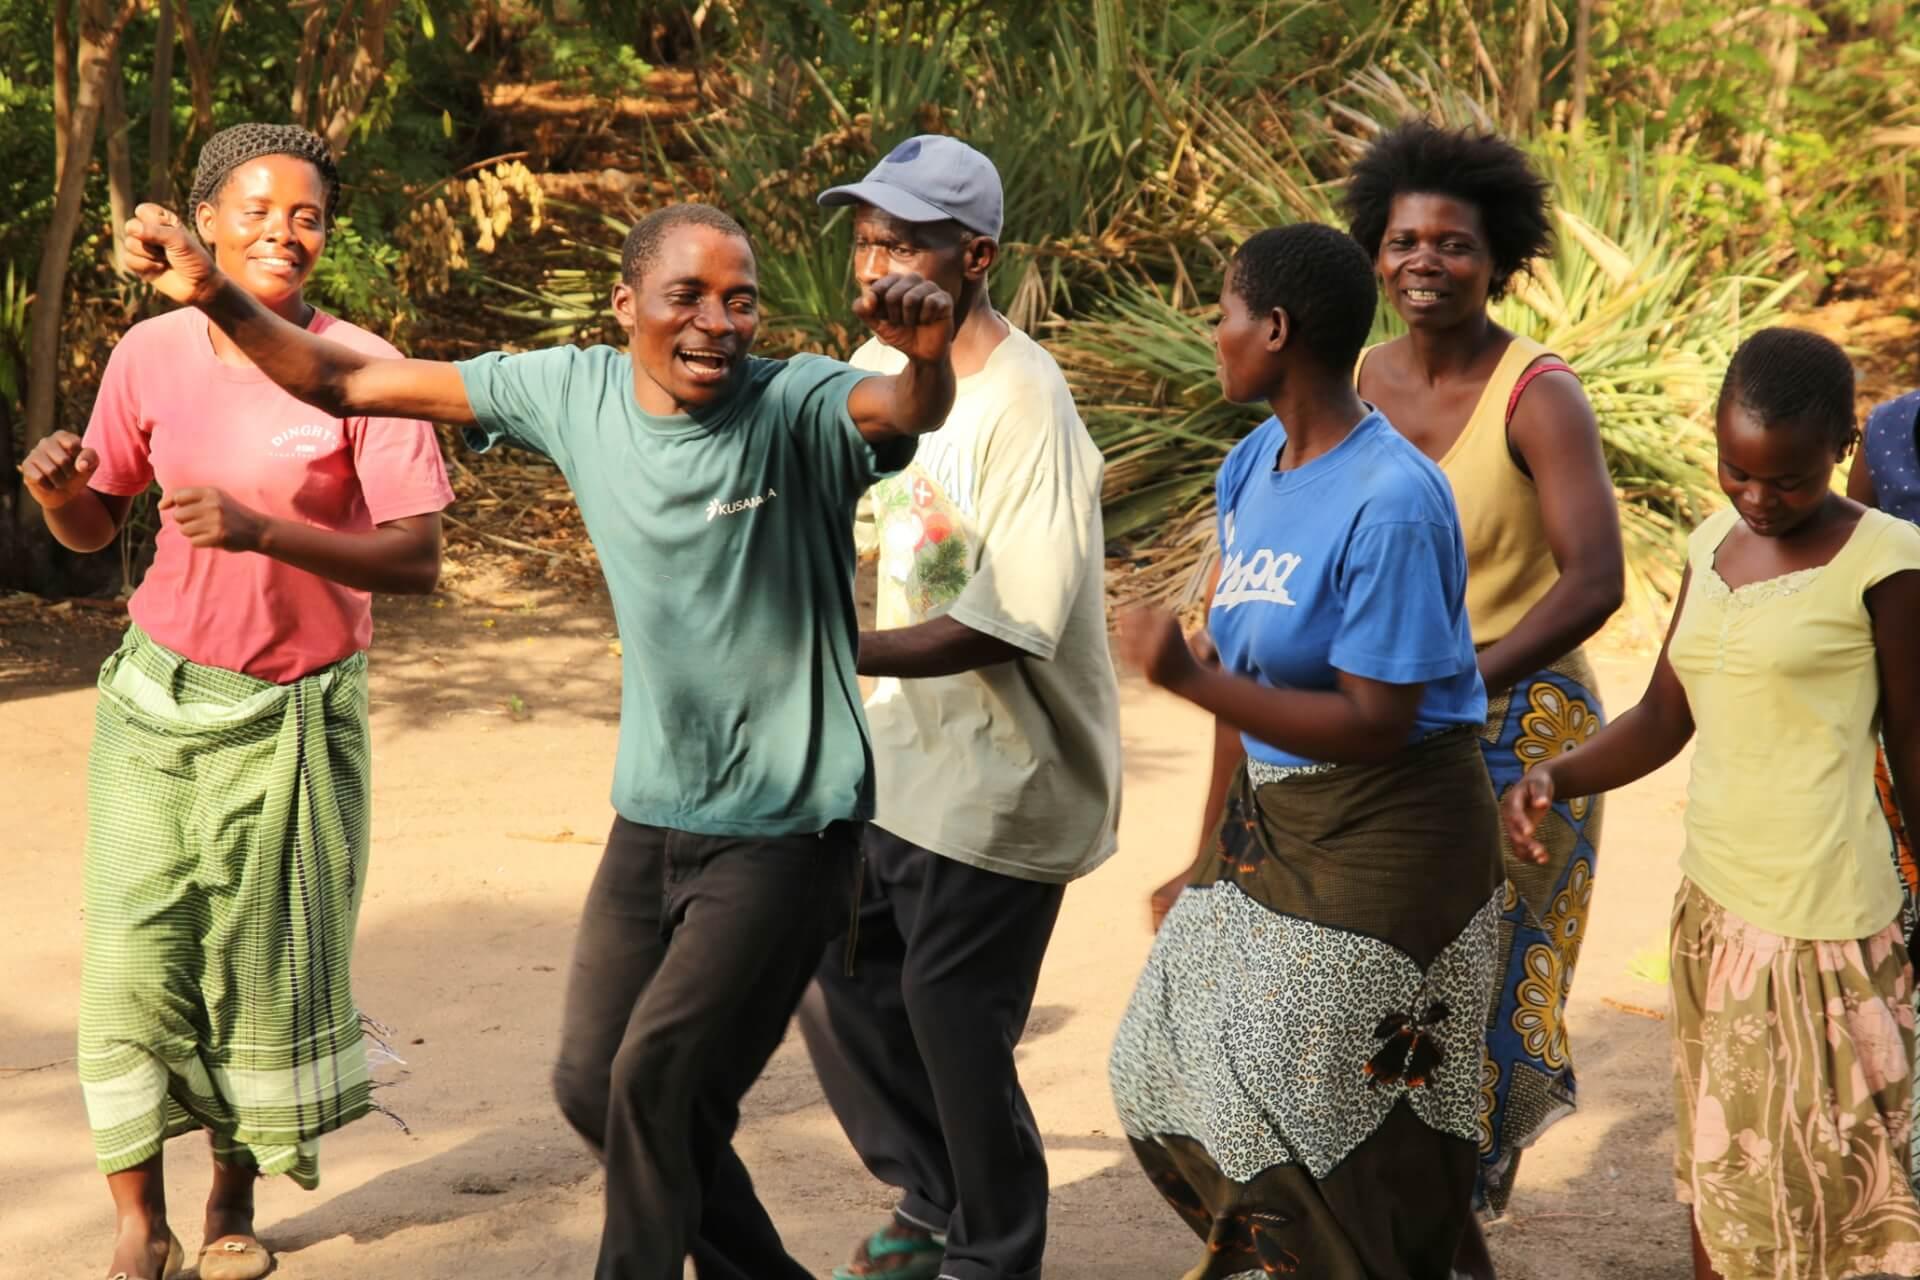 4-moringa-africano-e-gerente-de-projeto-de-permacultura-samuel-baluti-a-esquerda-do-centro-levando-style-malawi-canto-motivacional